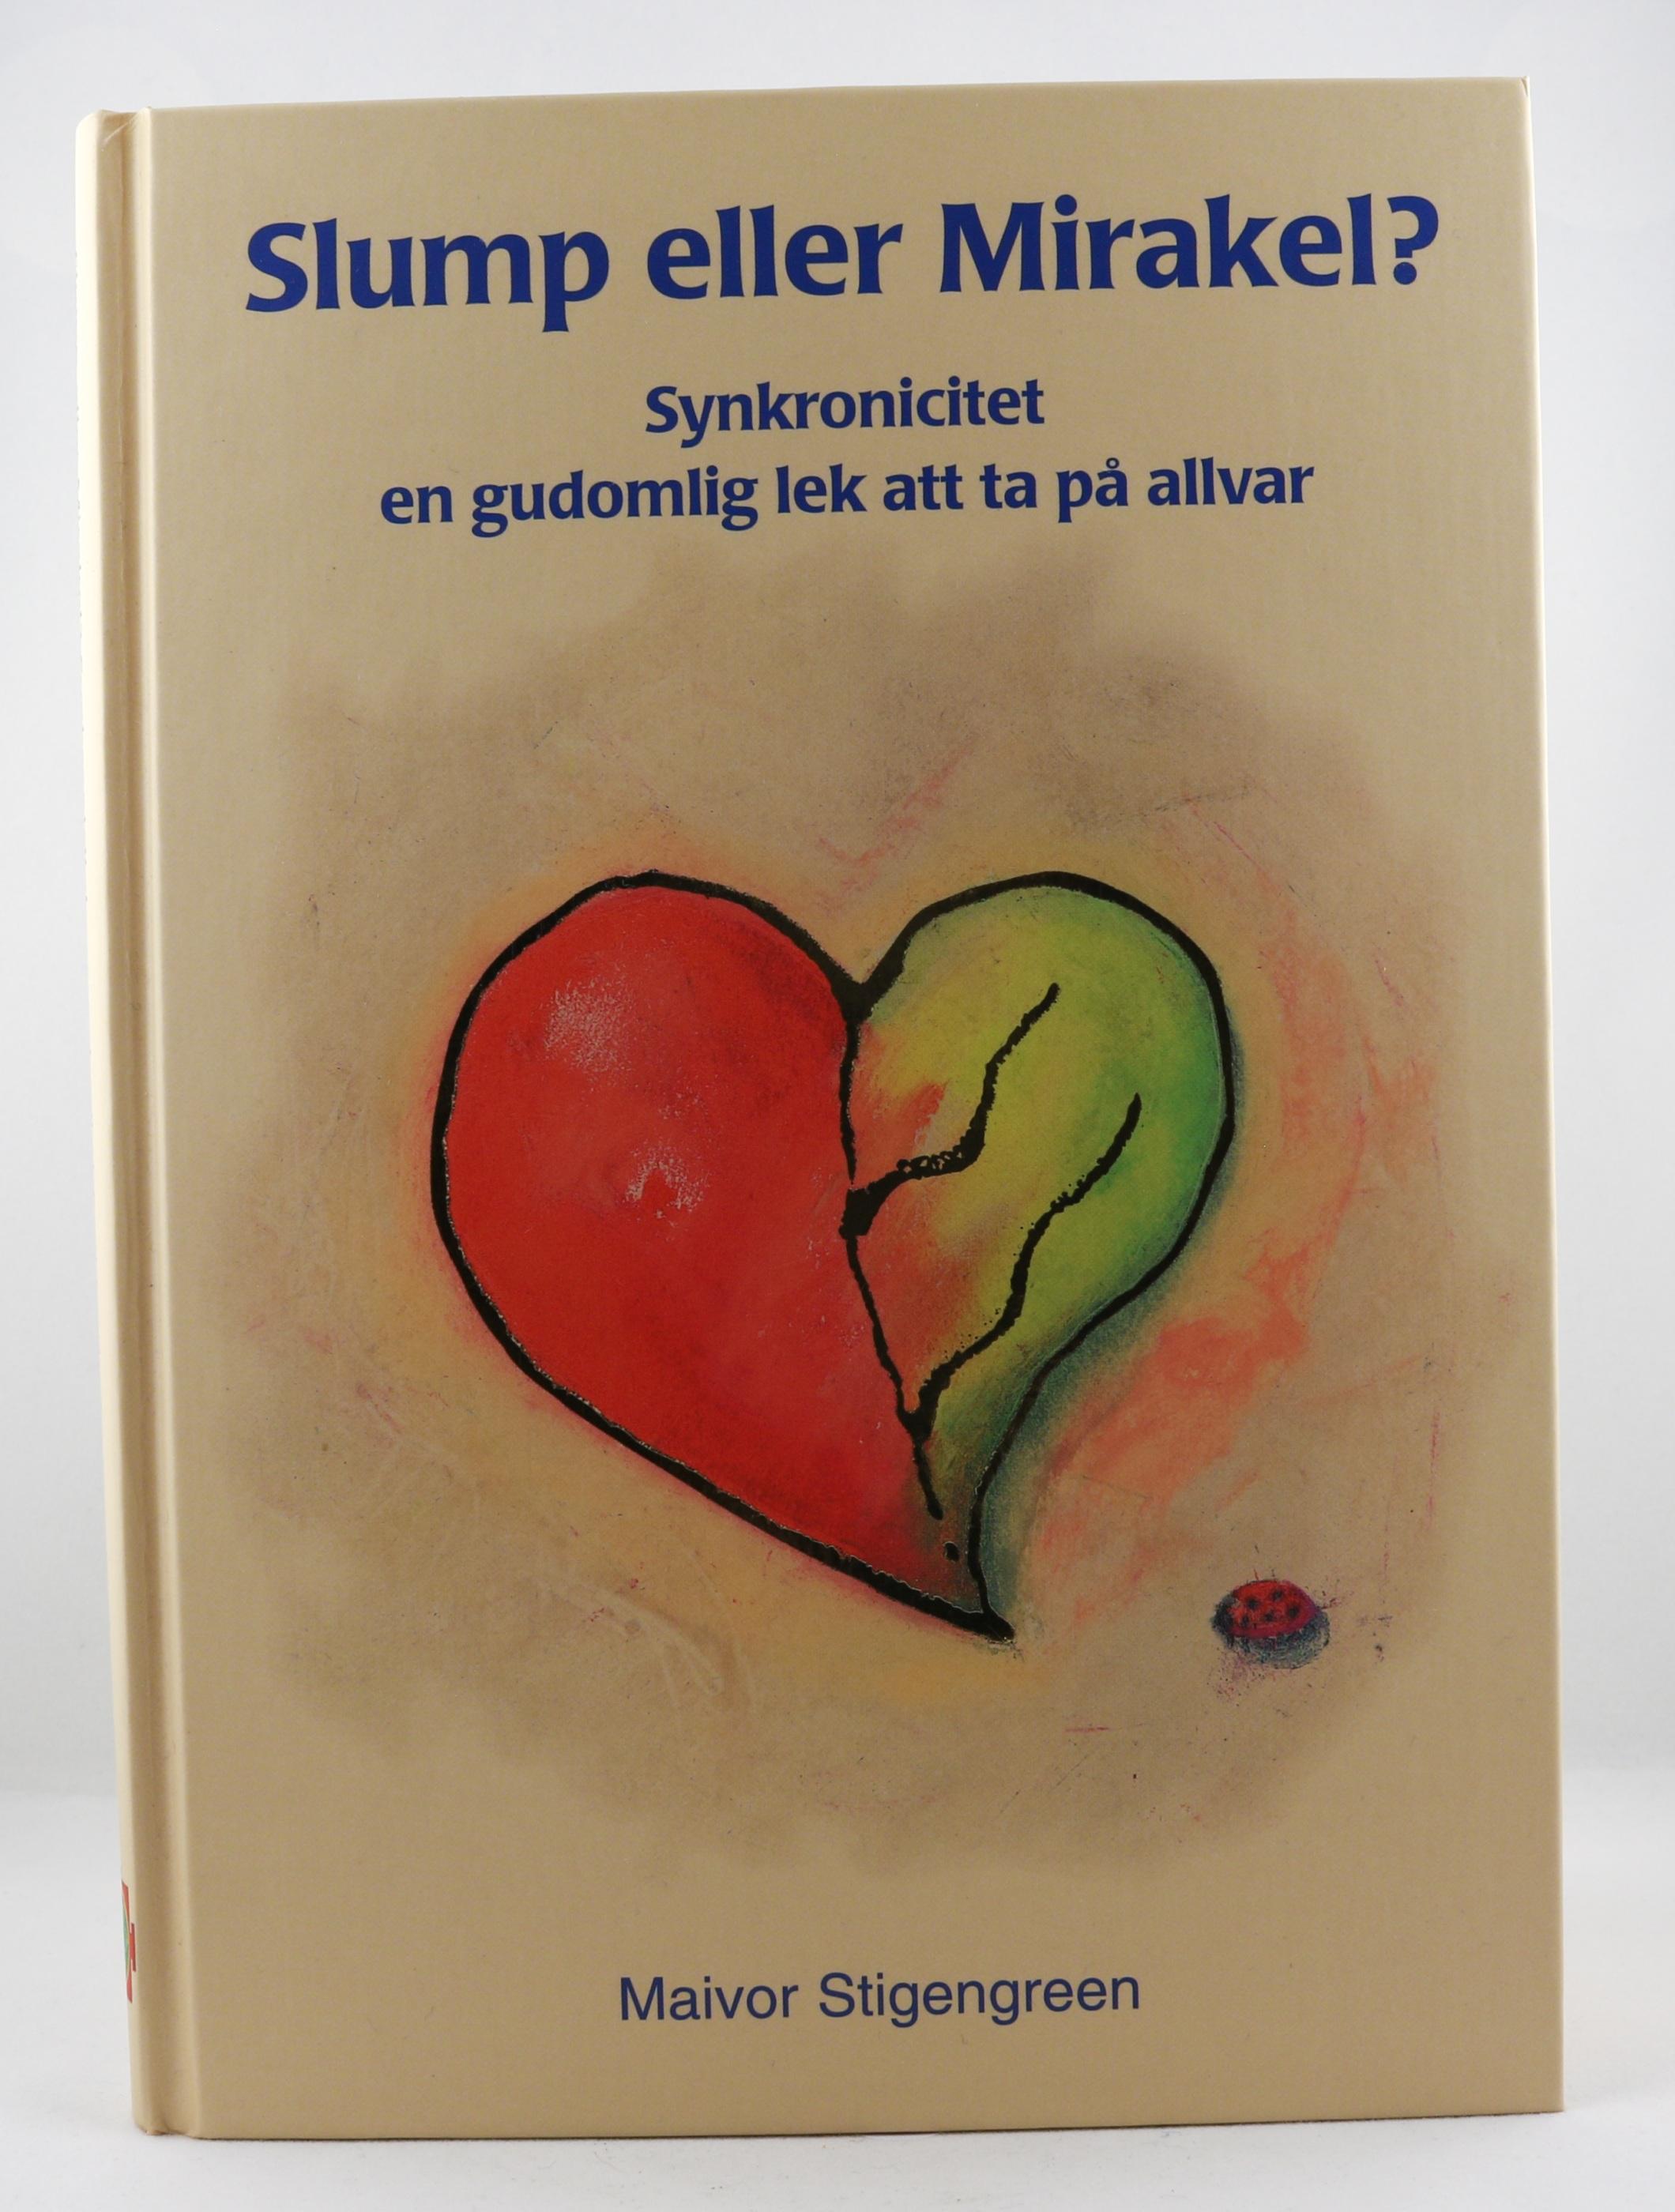 Slump eller mirakel  Synkronicitet en gudomlig lek att ta på allvar Wellness Ayurveda Halmstadmassören Halmstad Sverige Sweden svensk läsa bok